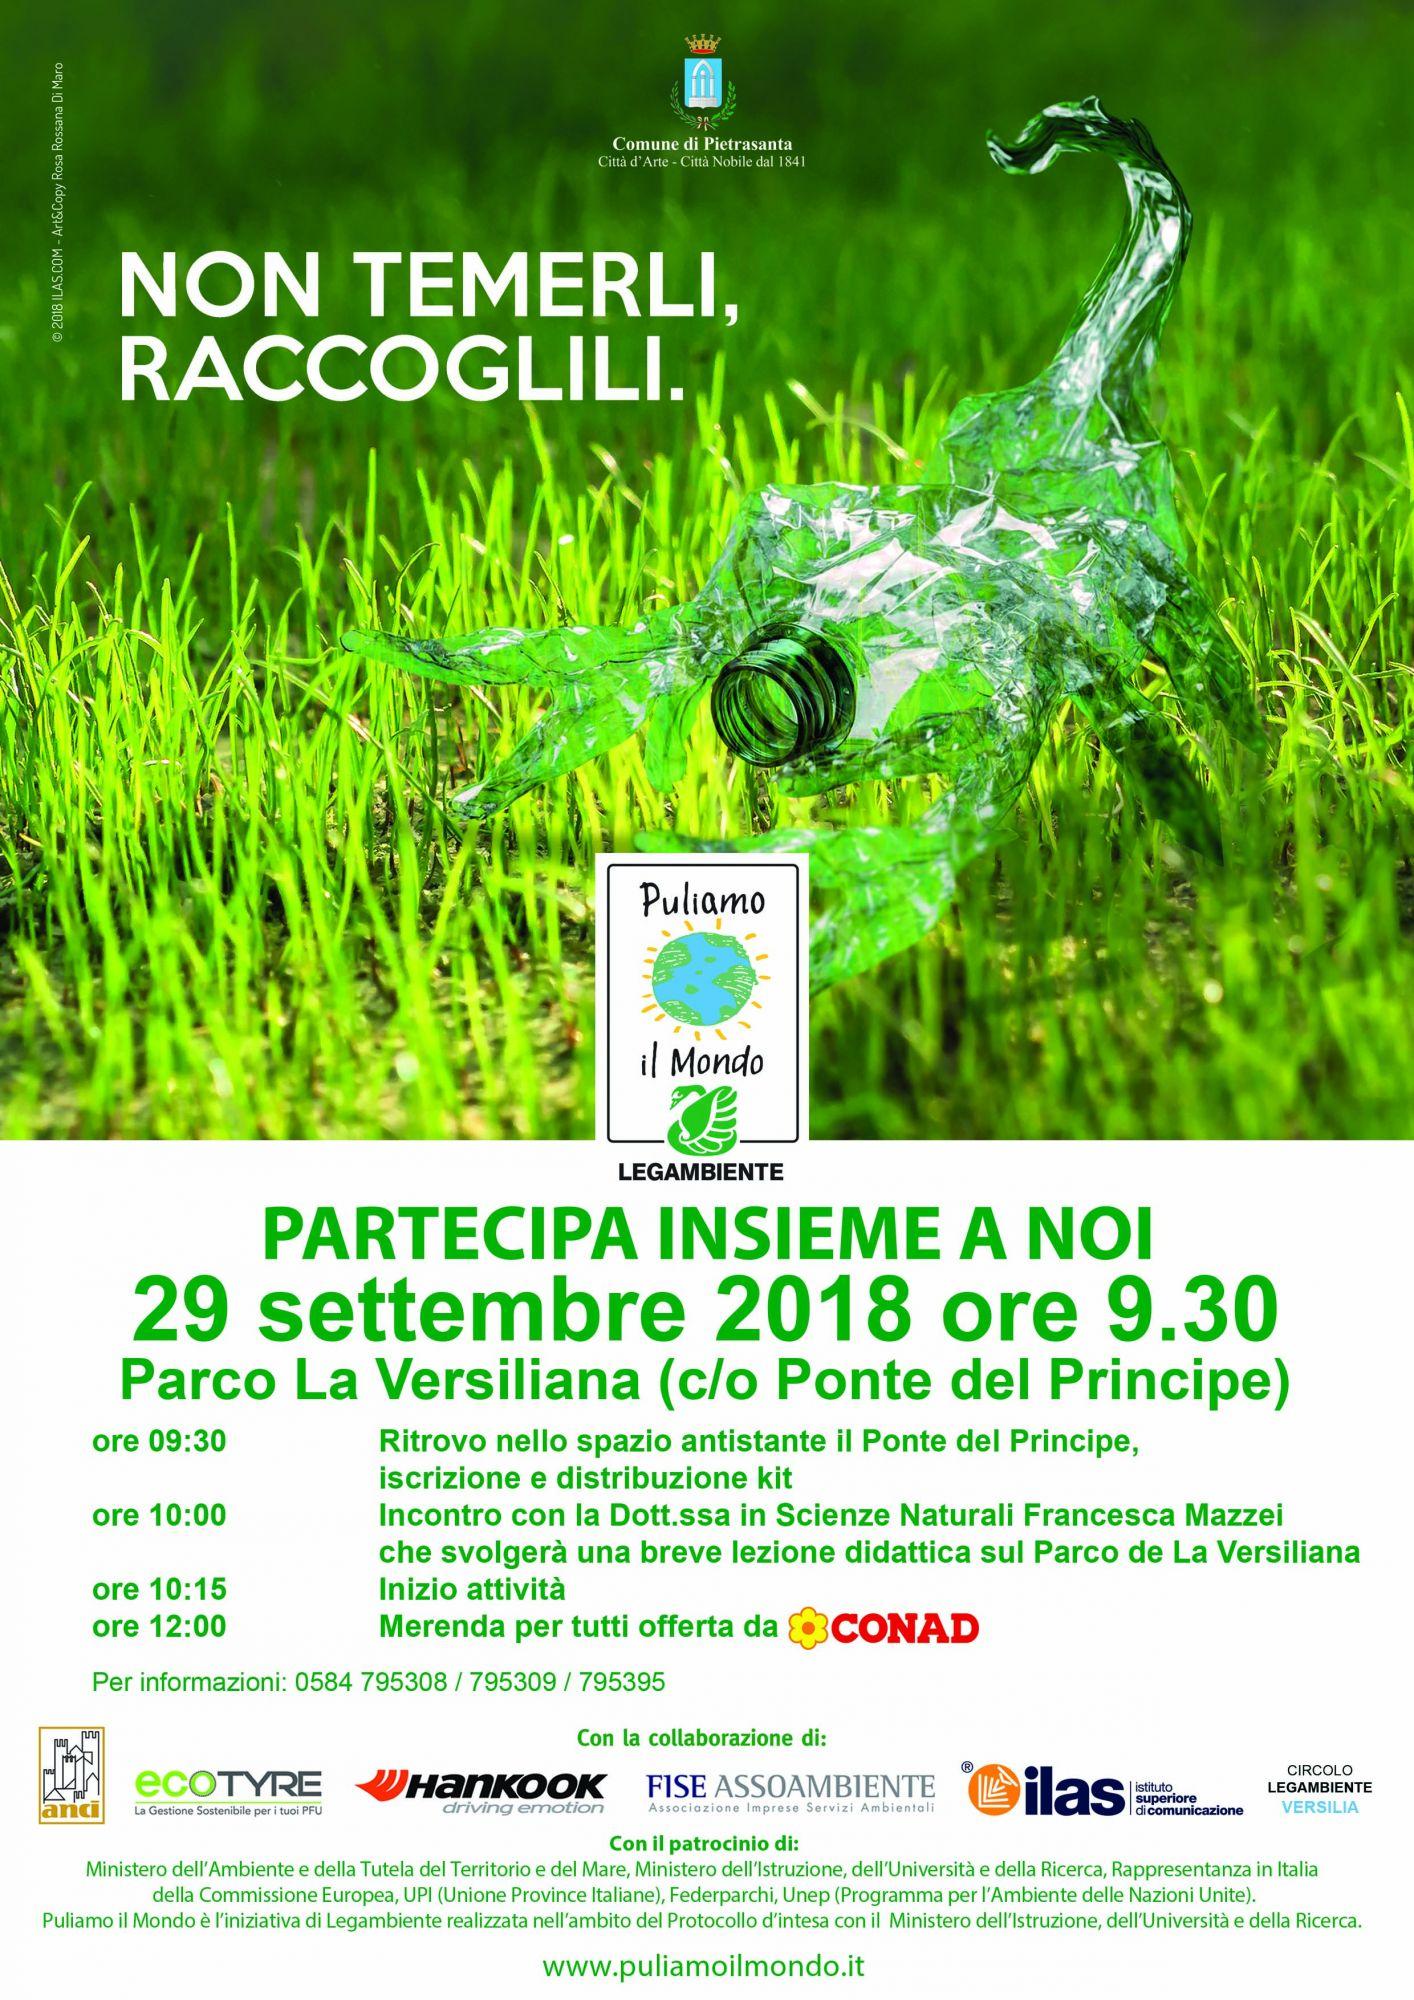 Puliamo il Mondo in Versiliana, i baby-volontari e la lotta ai maleducati dei rifiuti